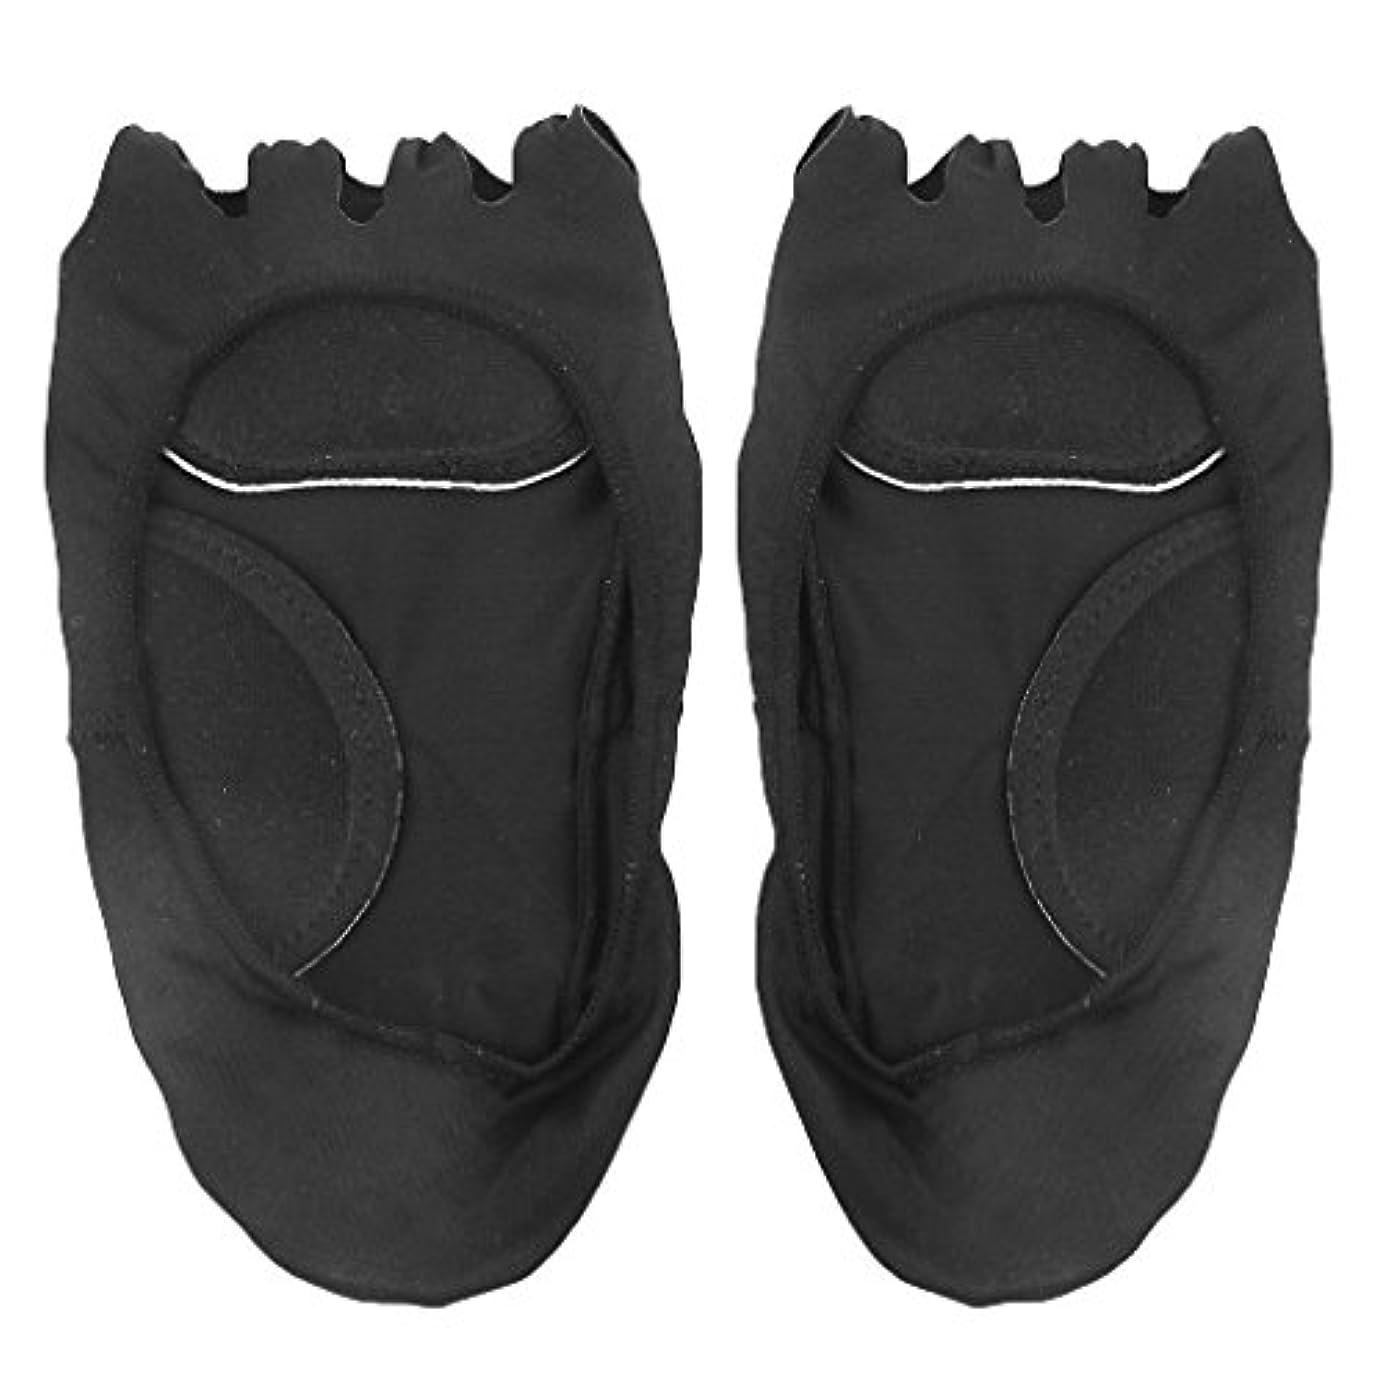 相関する下に向けます評議会【Footful】ソックス 靴下 5つ本指つま先 ボートソックス マッサージパッド 見えない 滑り止め アンクルソックス (ブラック)